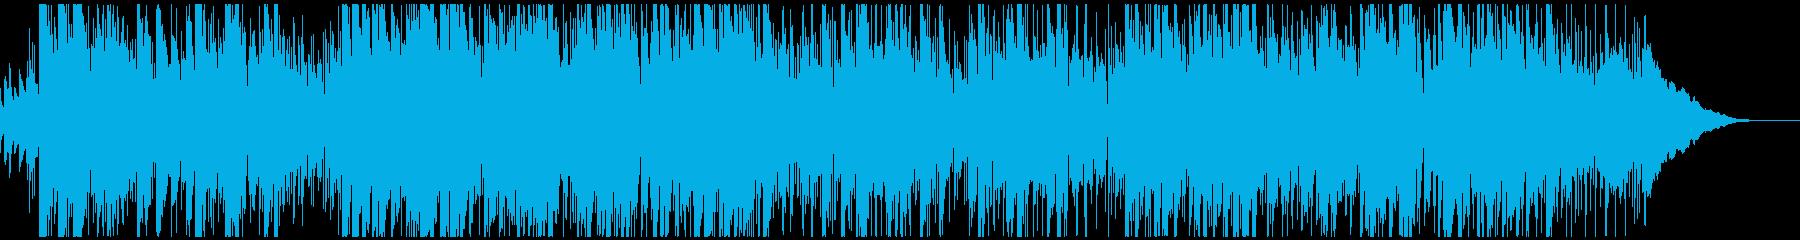 クリスマス・もろびとこぞりてフュージョンの再生済みの波形